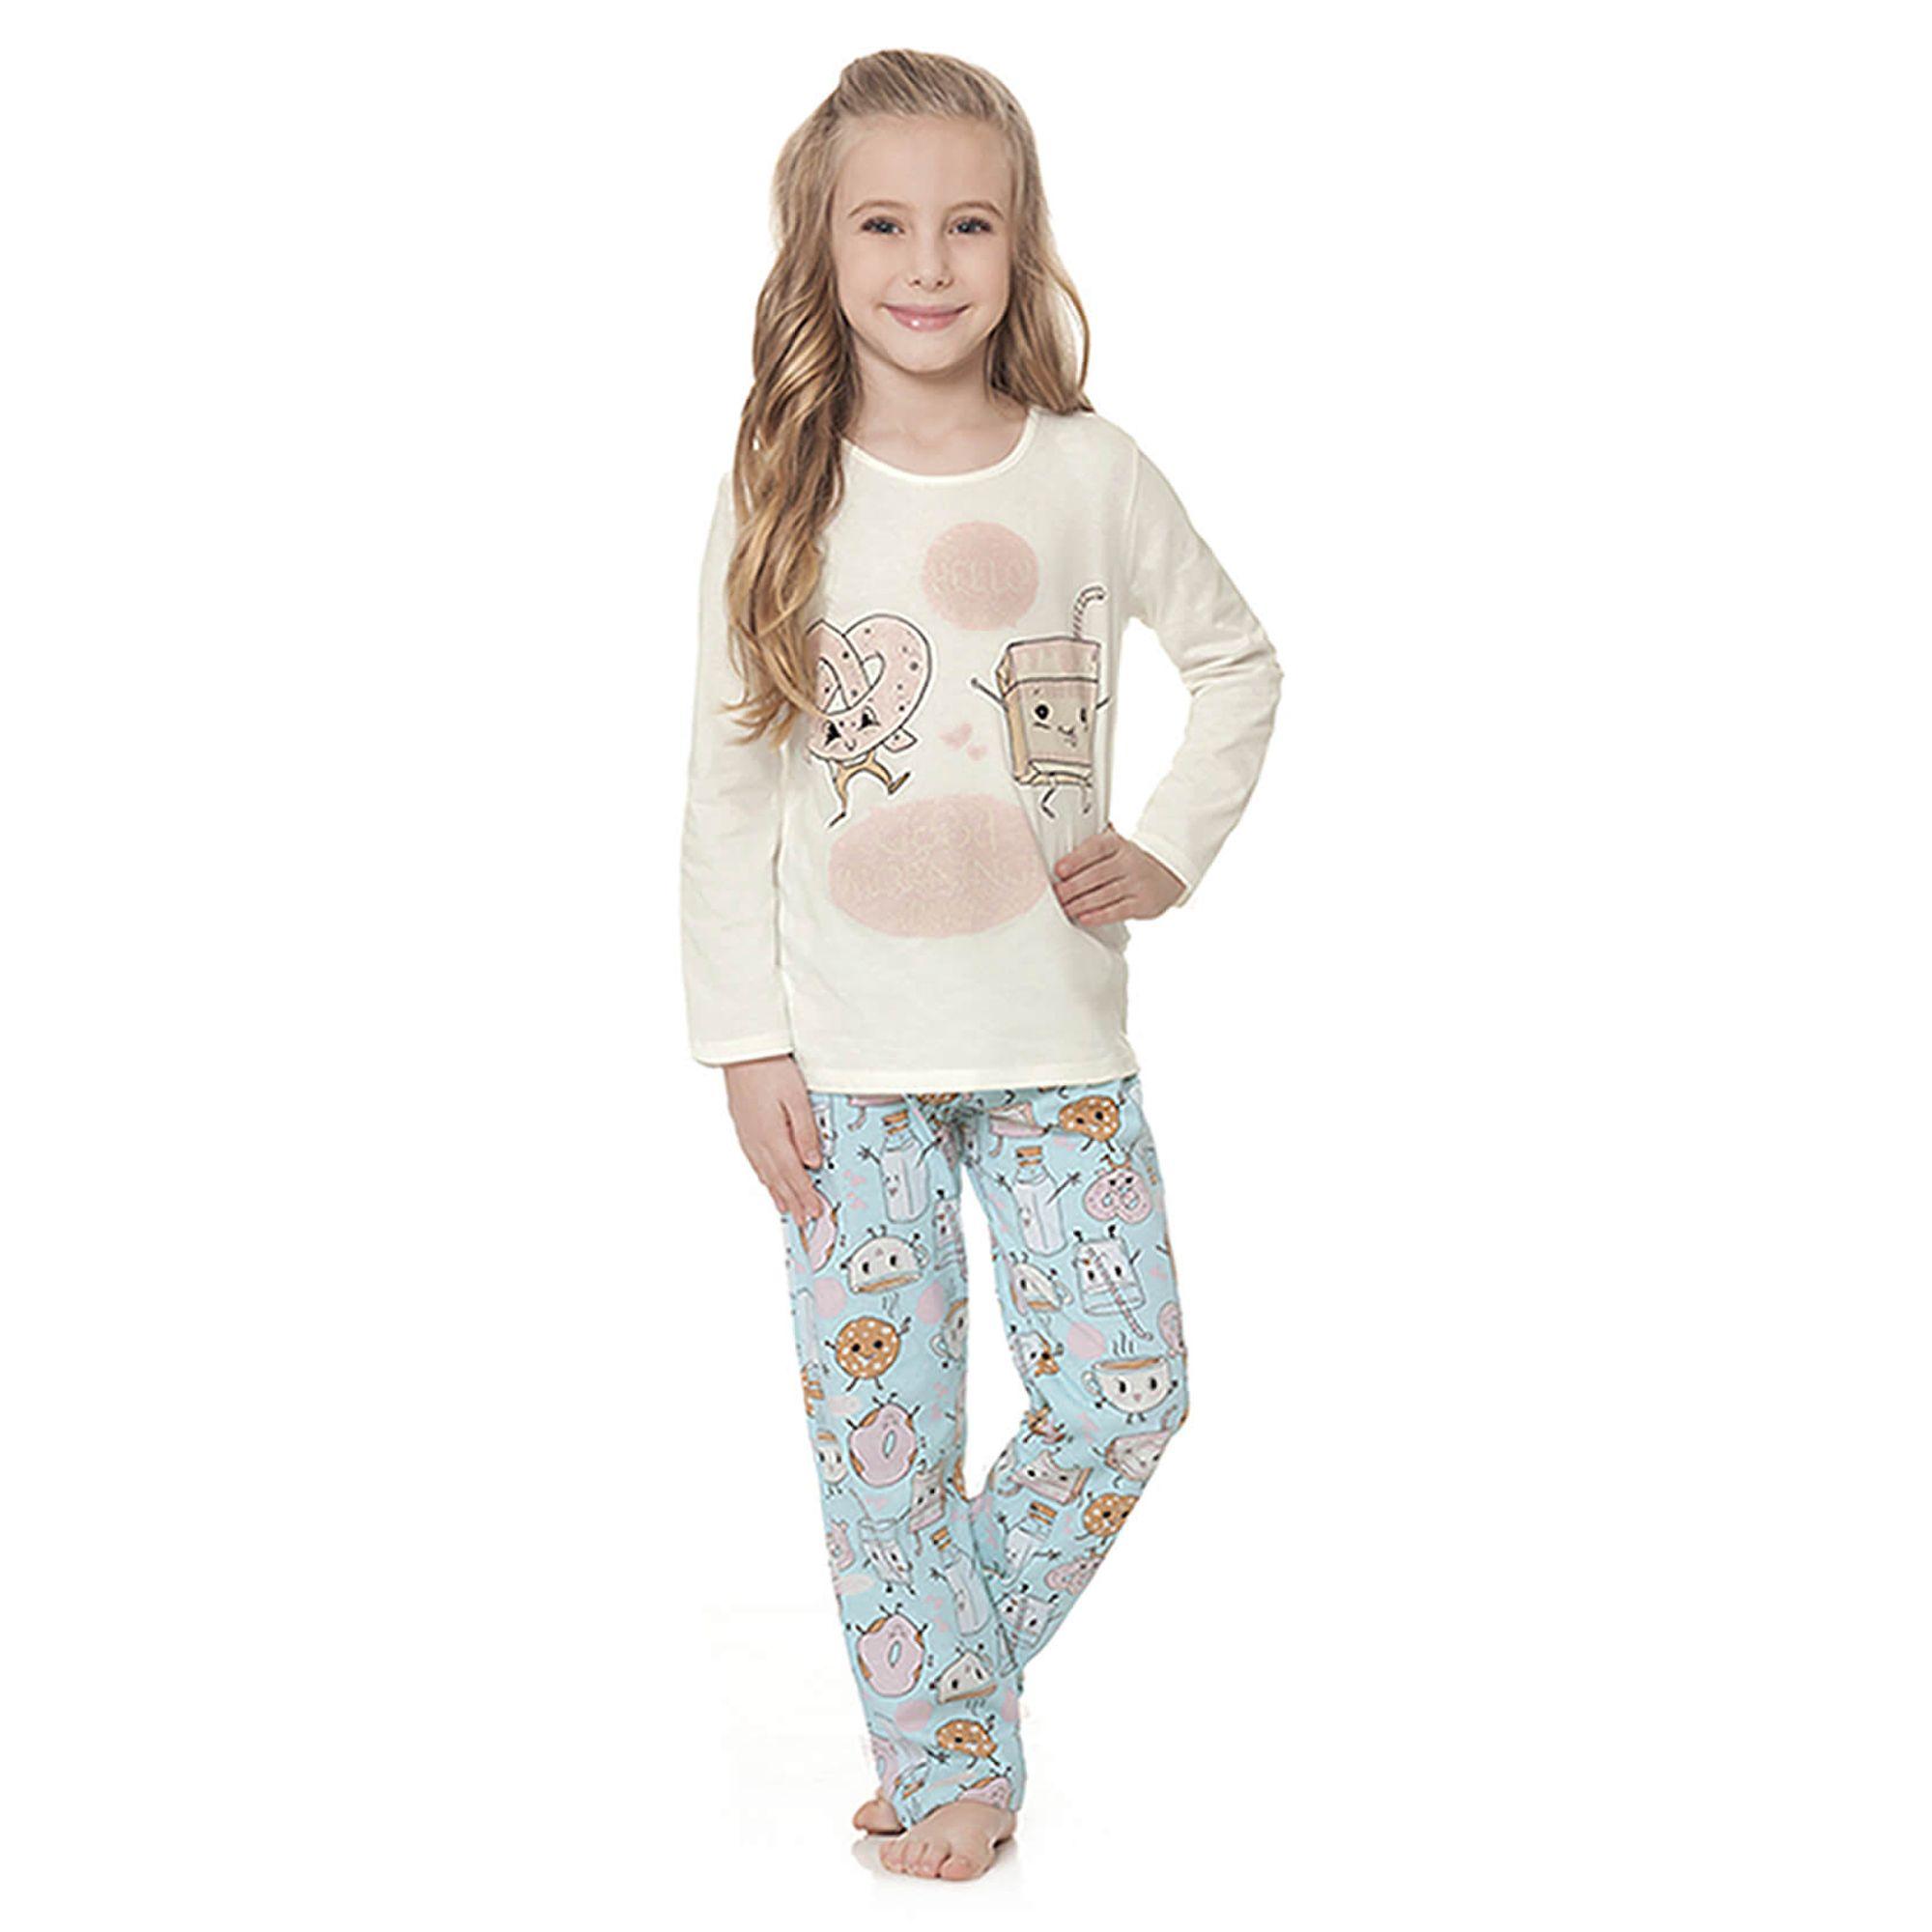 pijama-menina-manga-longa-rosa-cafe-quimby